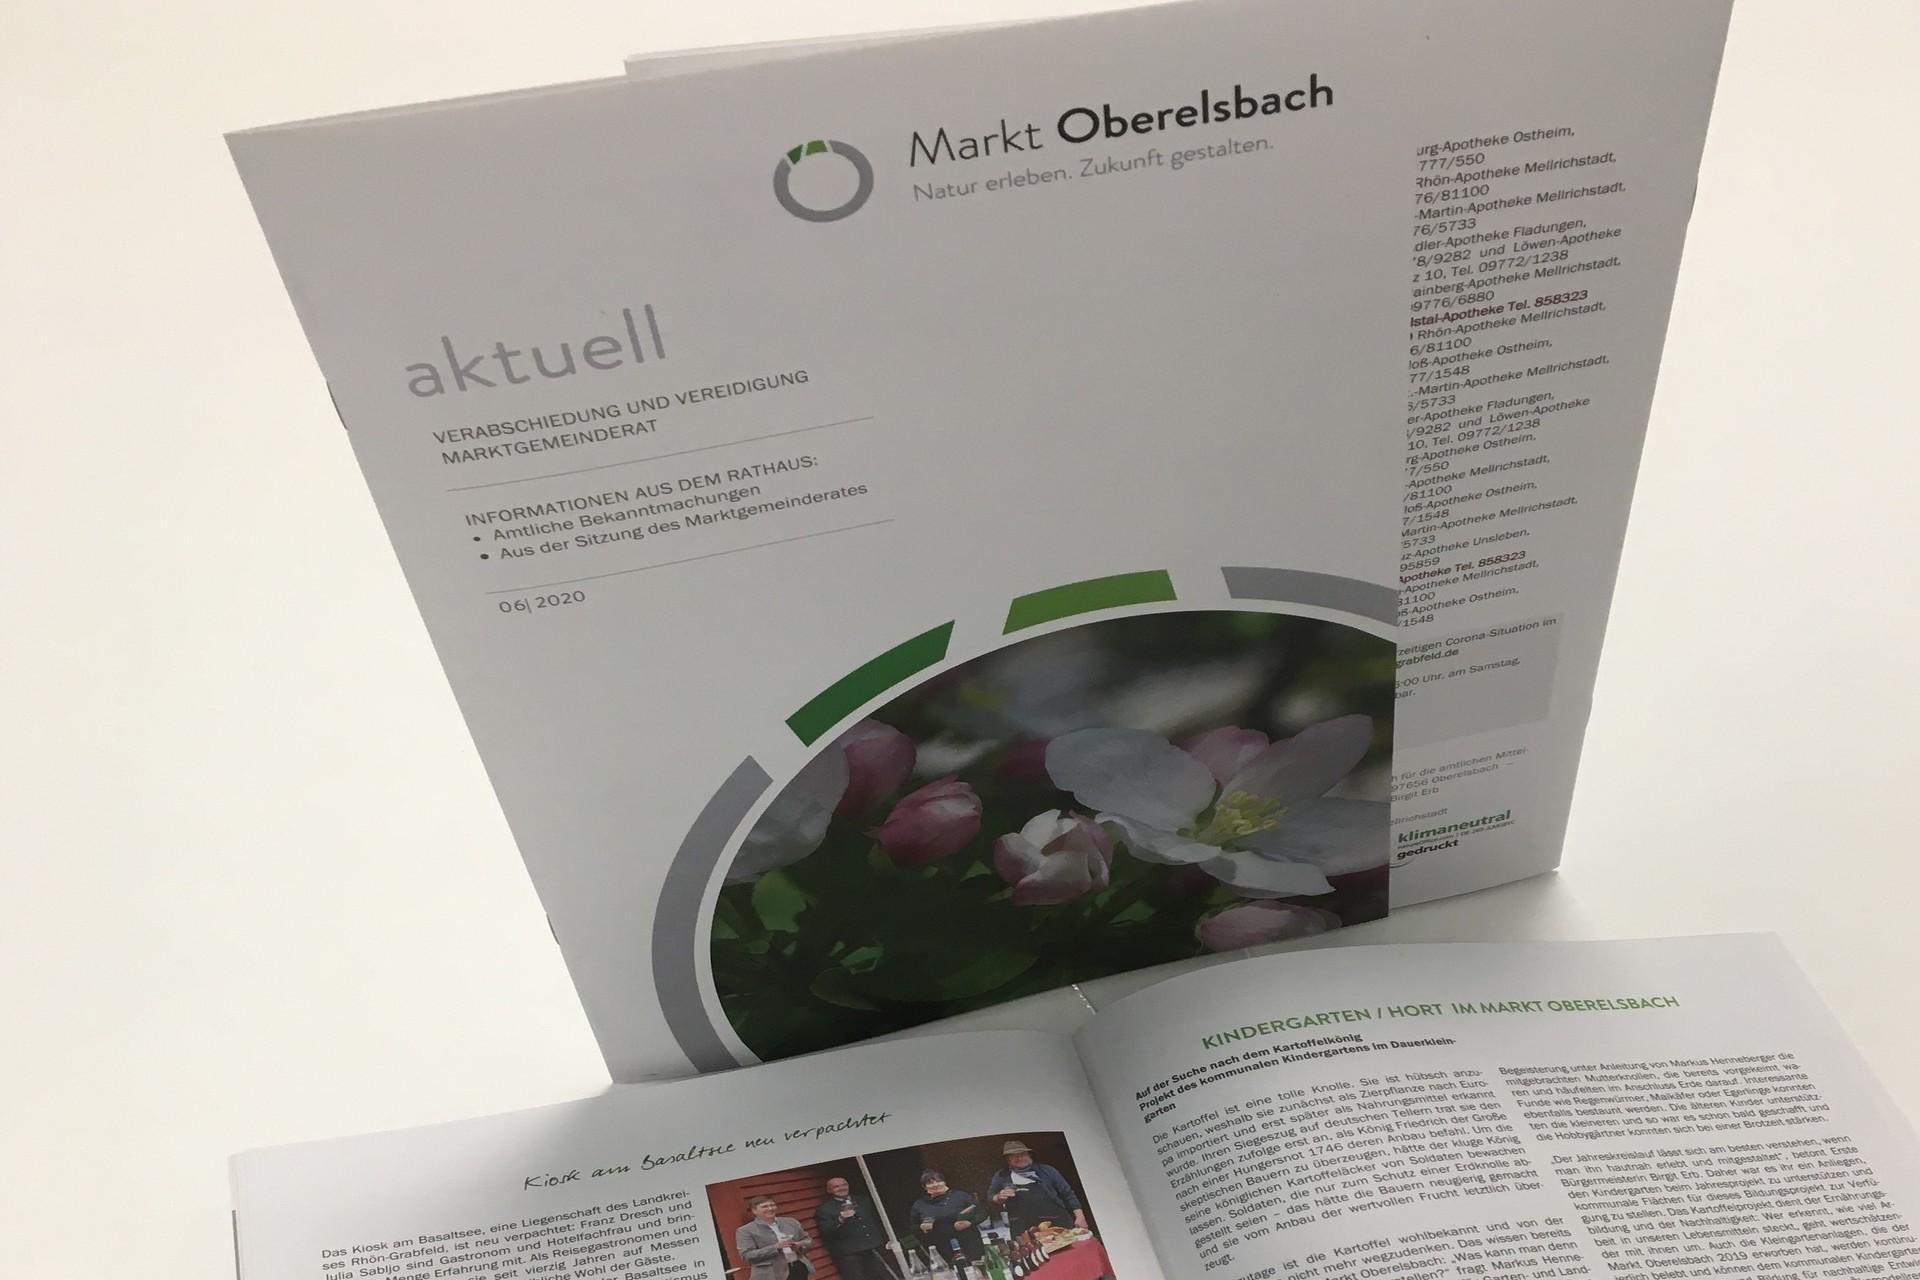 Mitteilungsblatt, Stadtmagazin